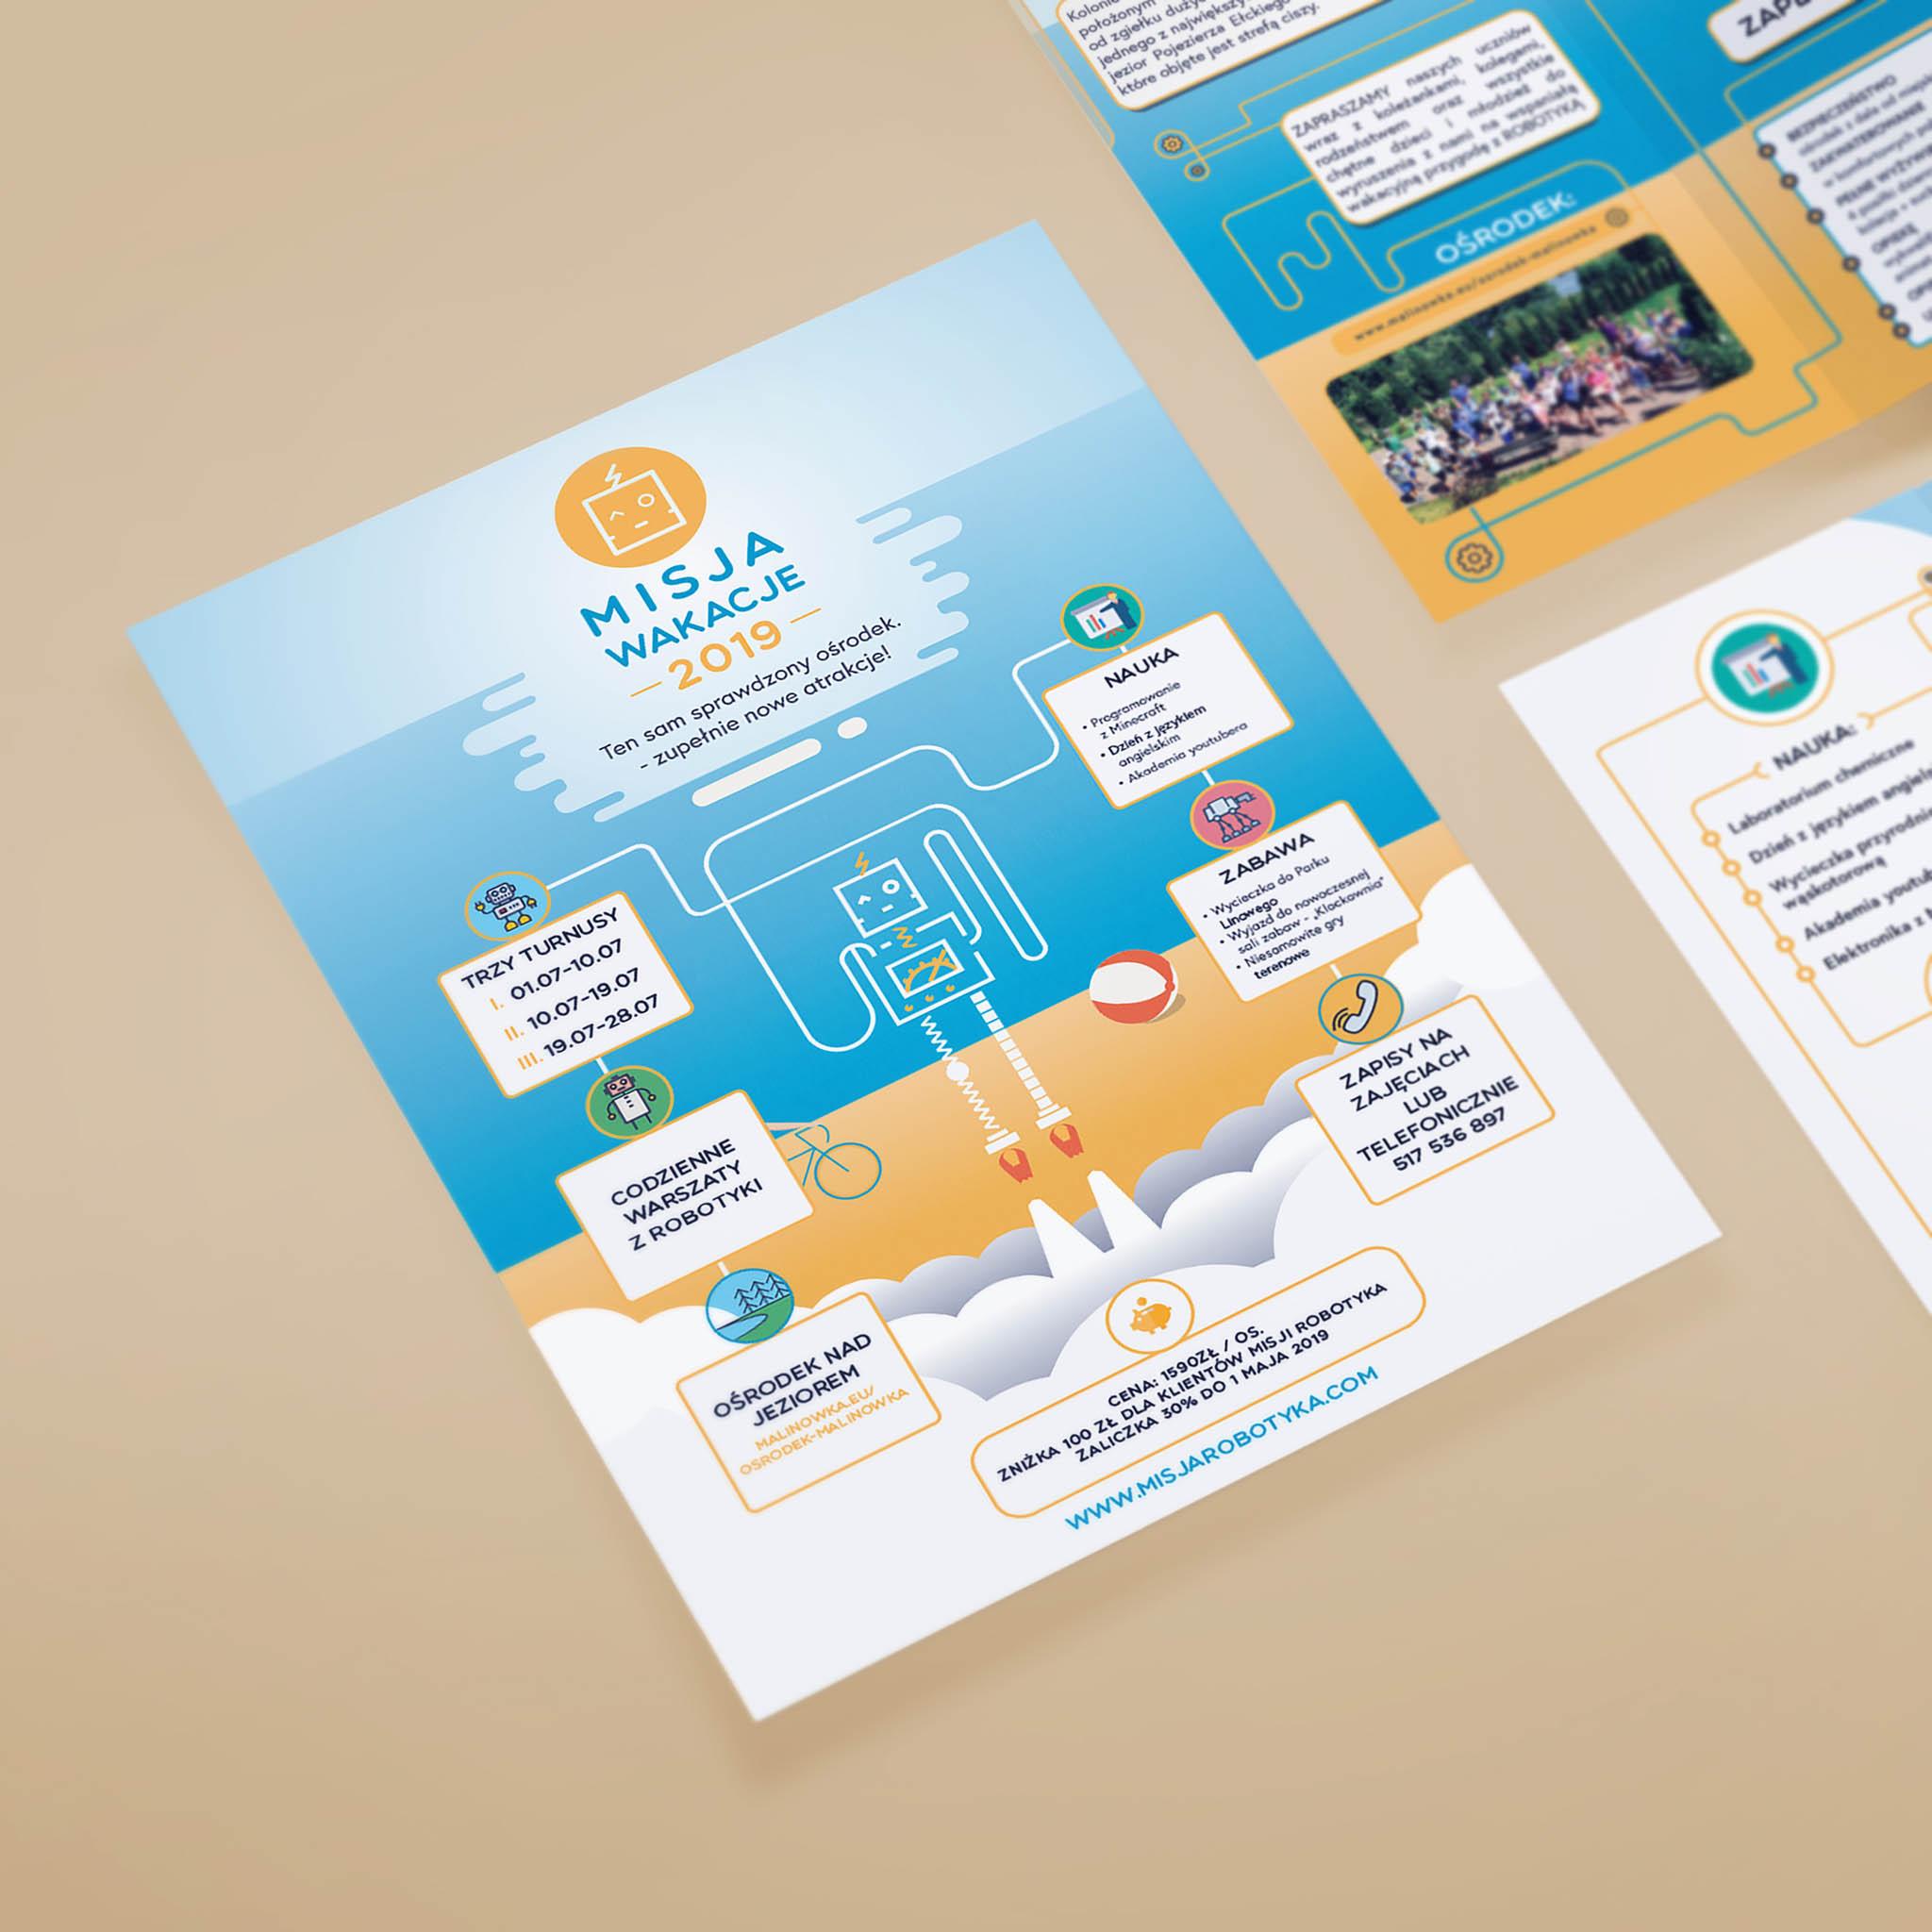 Misja Robotyka materiały drukowane plakat